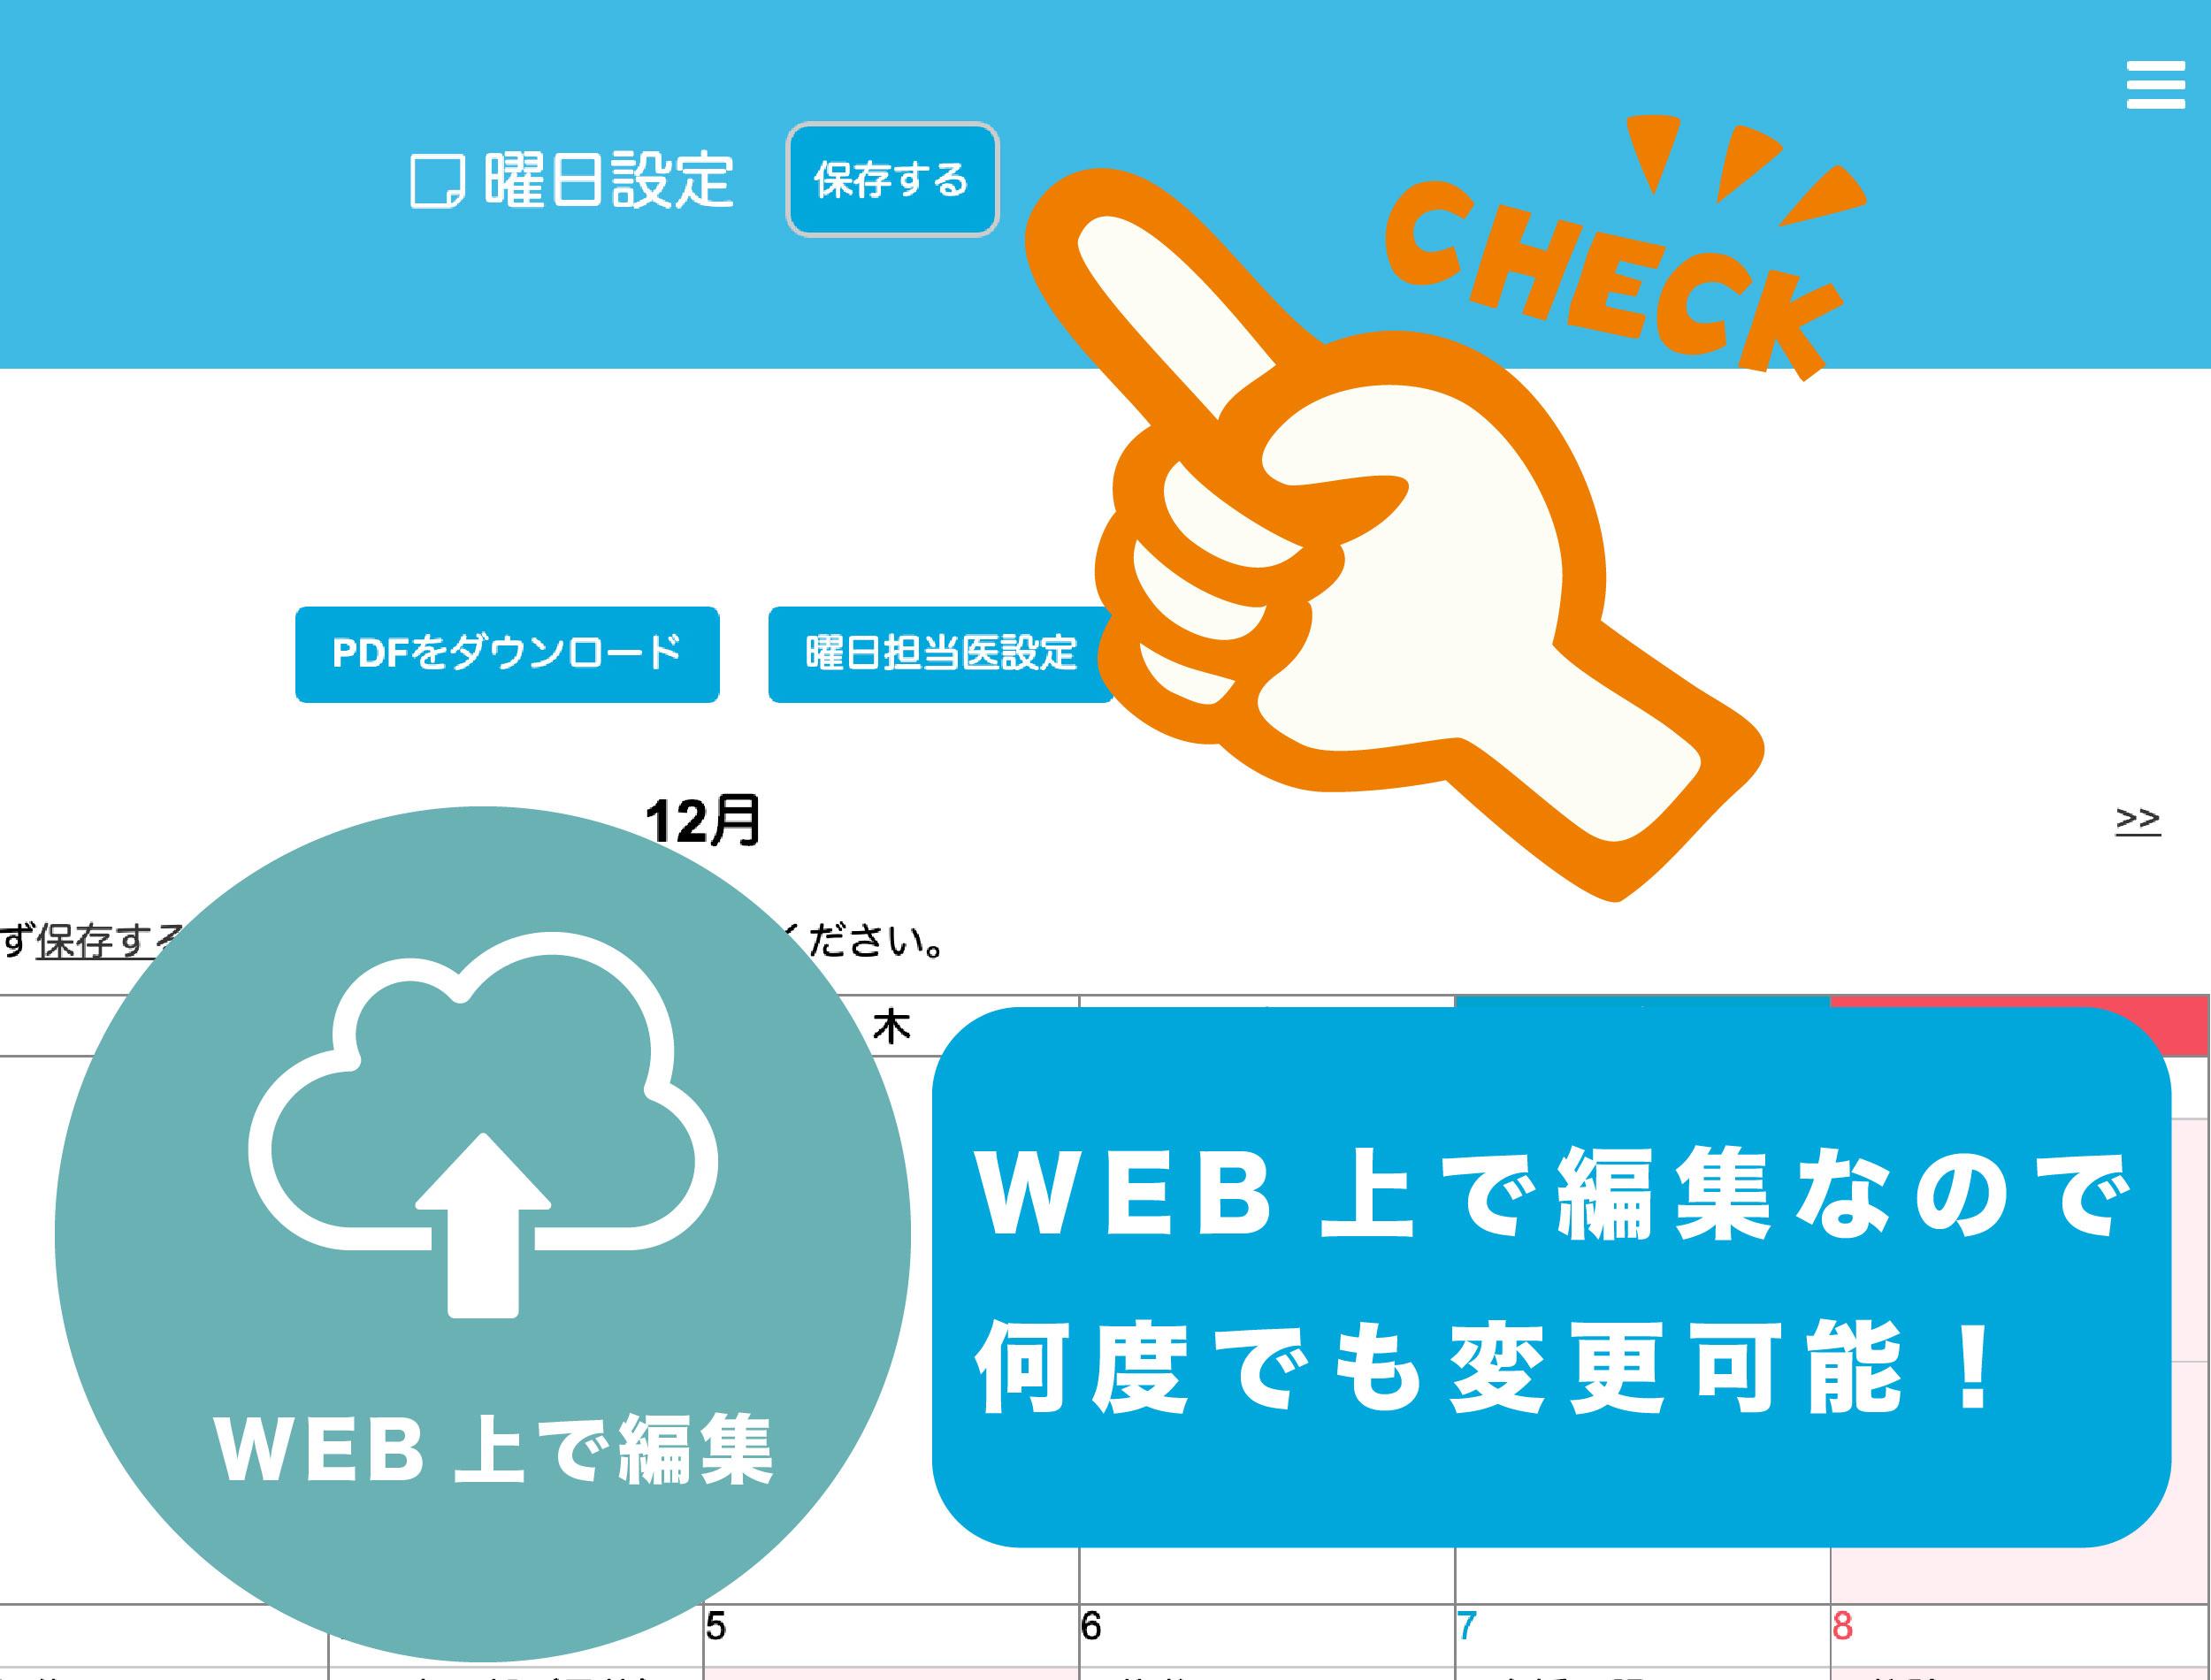 リアルタイムで公開WEBで作成なので変更もすぐに対応できます